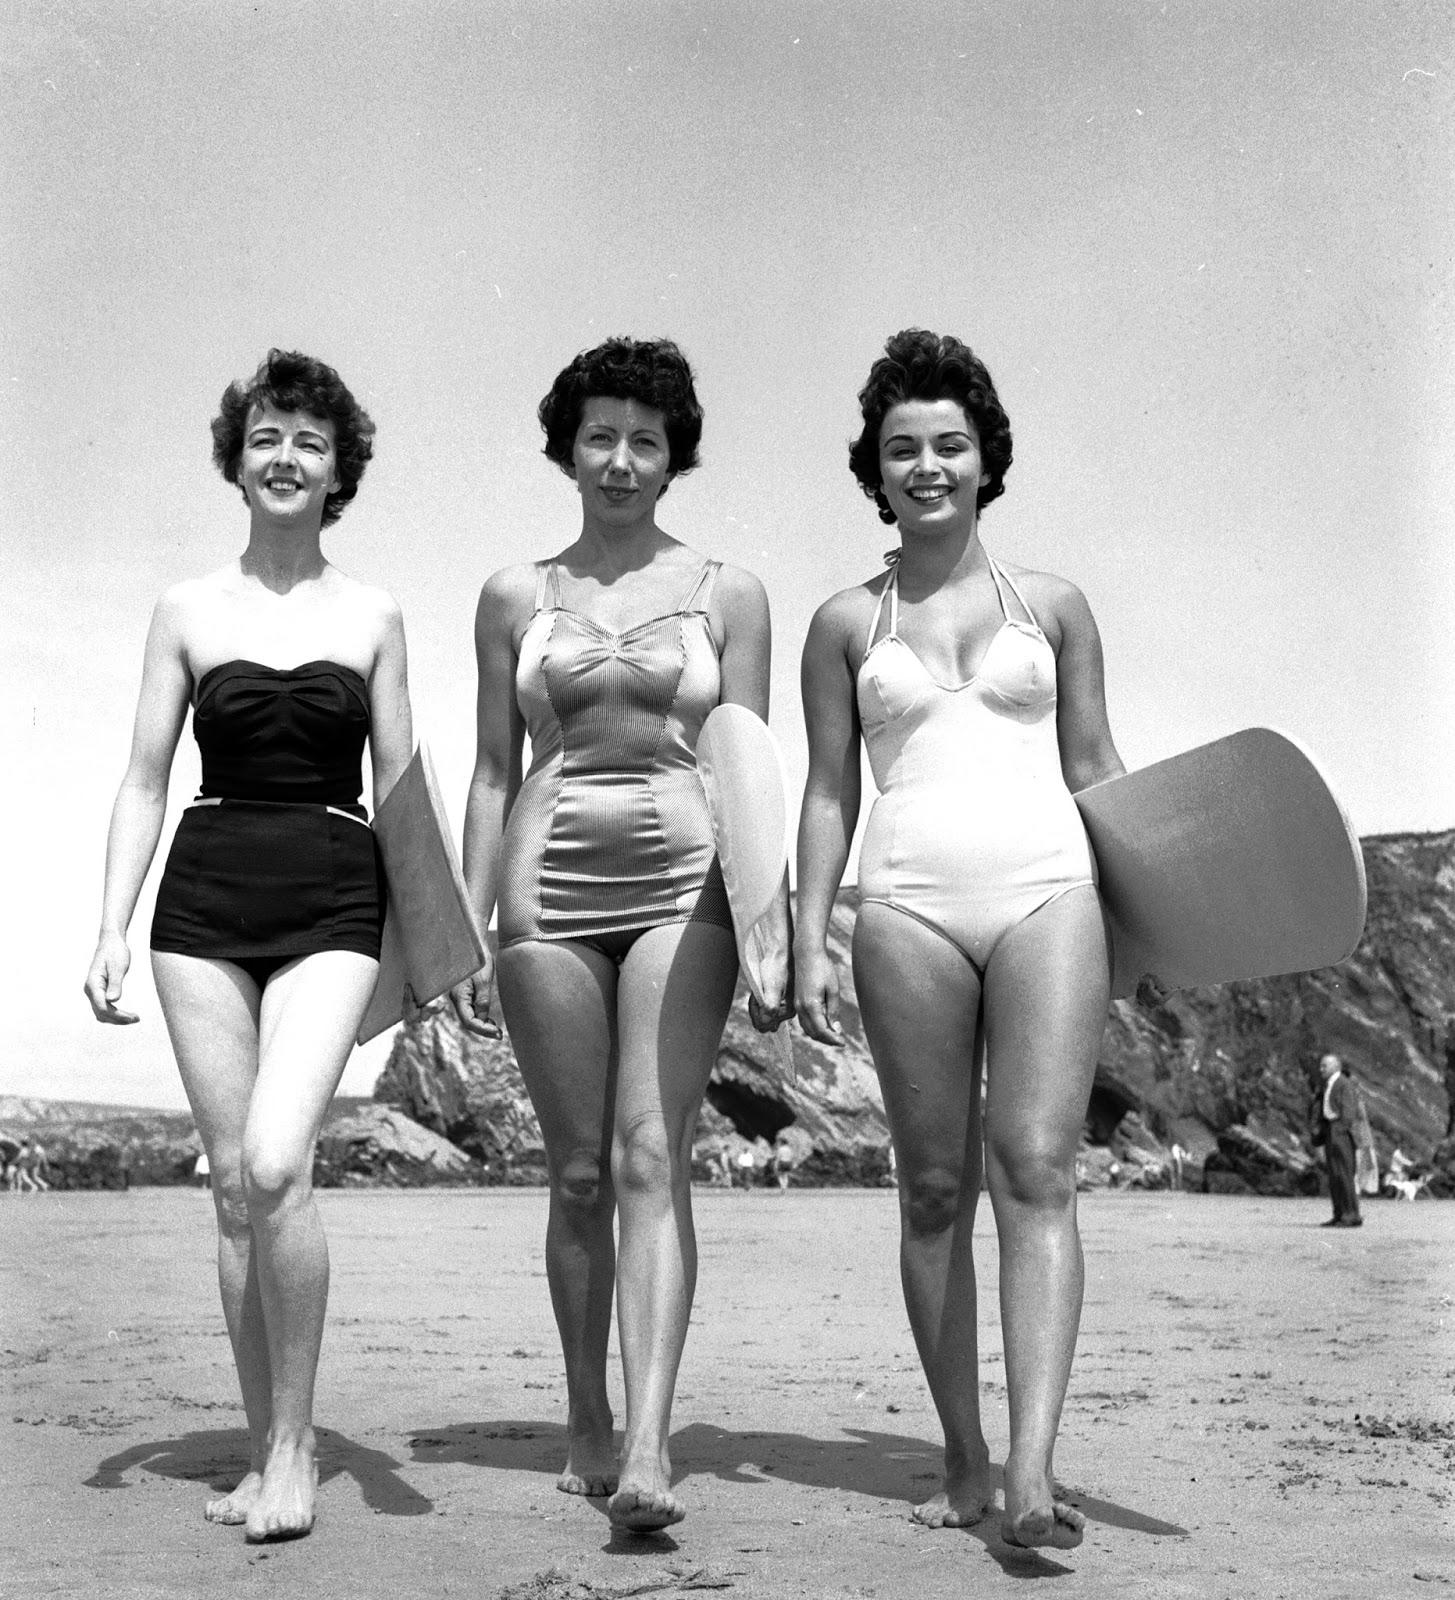 women Vintage beach